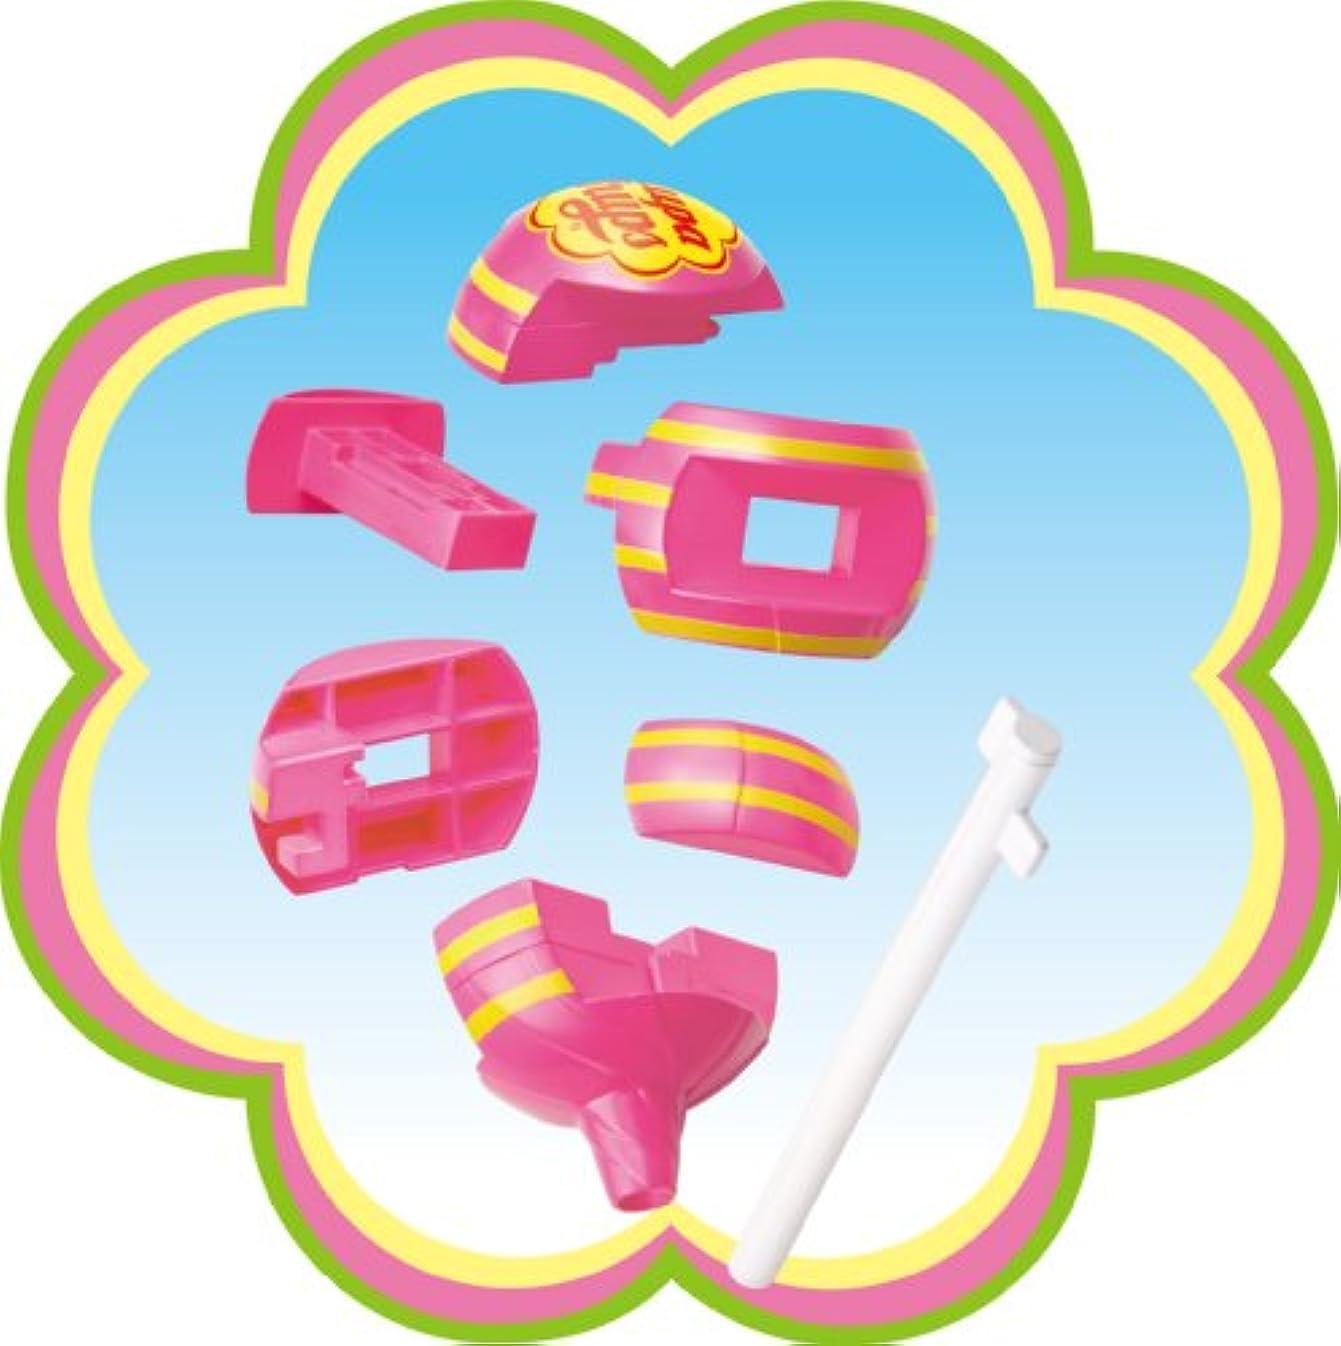 光デンプシー咽頭チュッパチャップスパズル ストロベリークリーム(ヒラメキ)